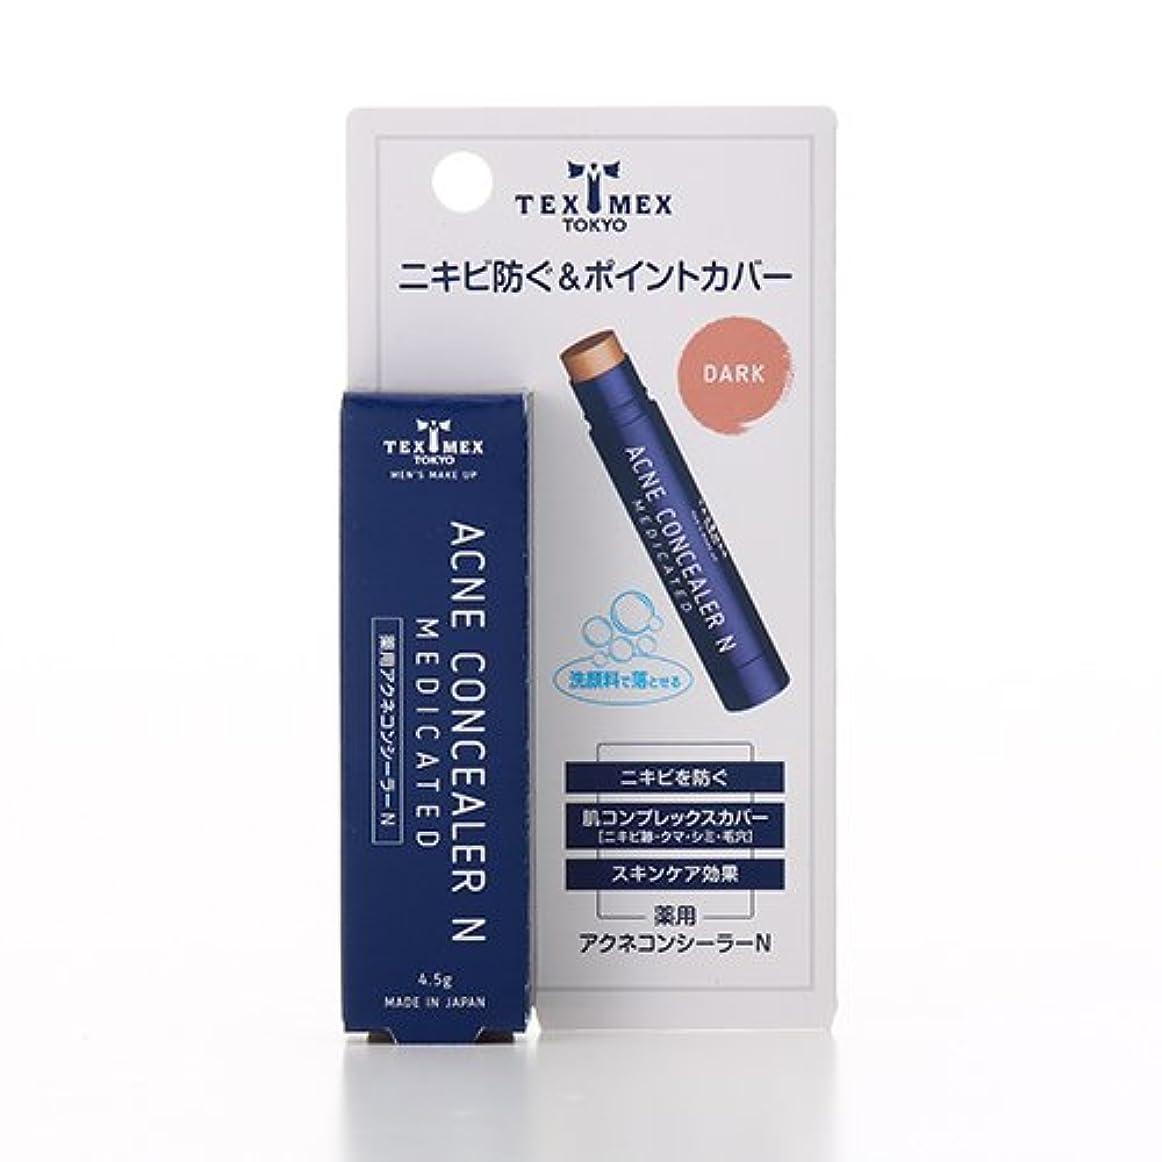 メンターリング型テックスメックス 薬用アクネコンシーラーN ダーク 4.5g (医薬部外品)